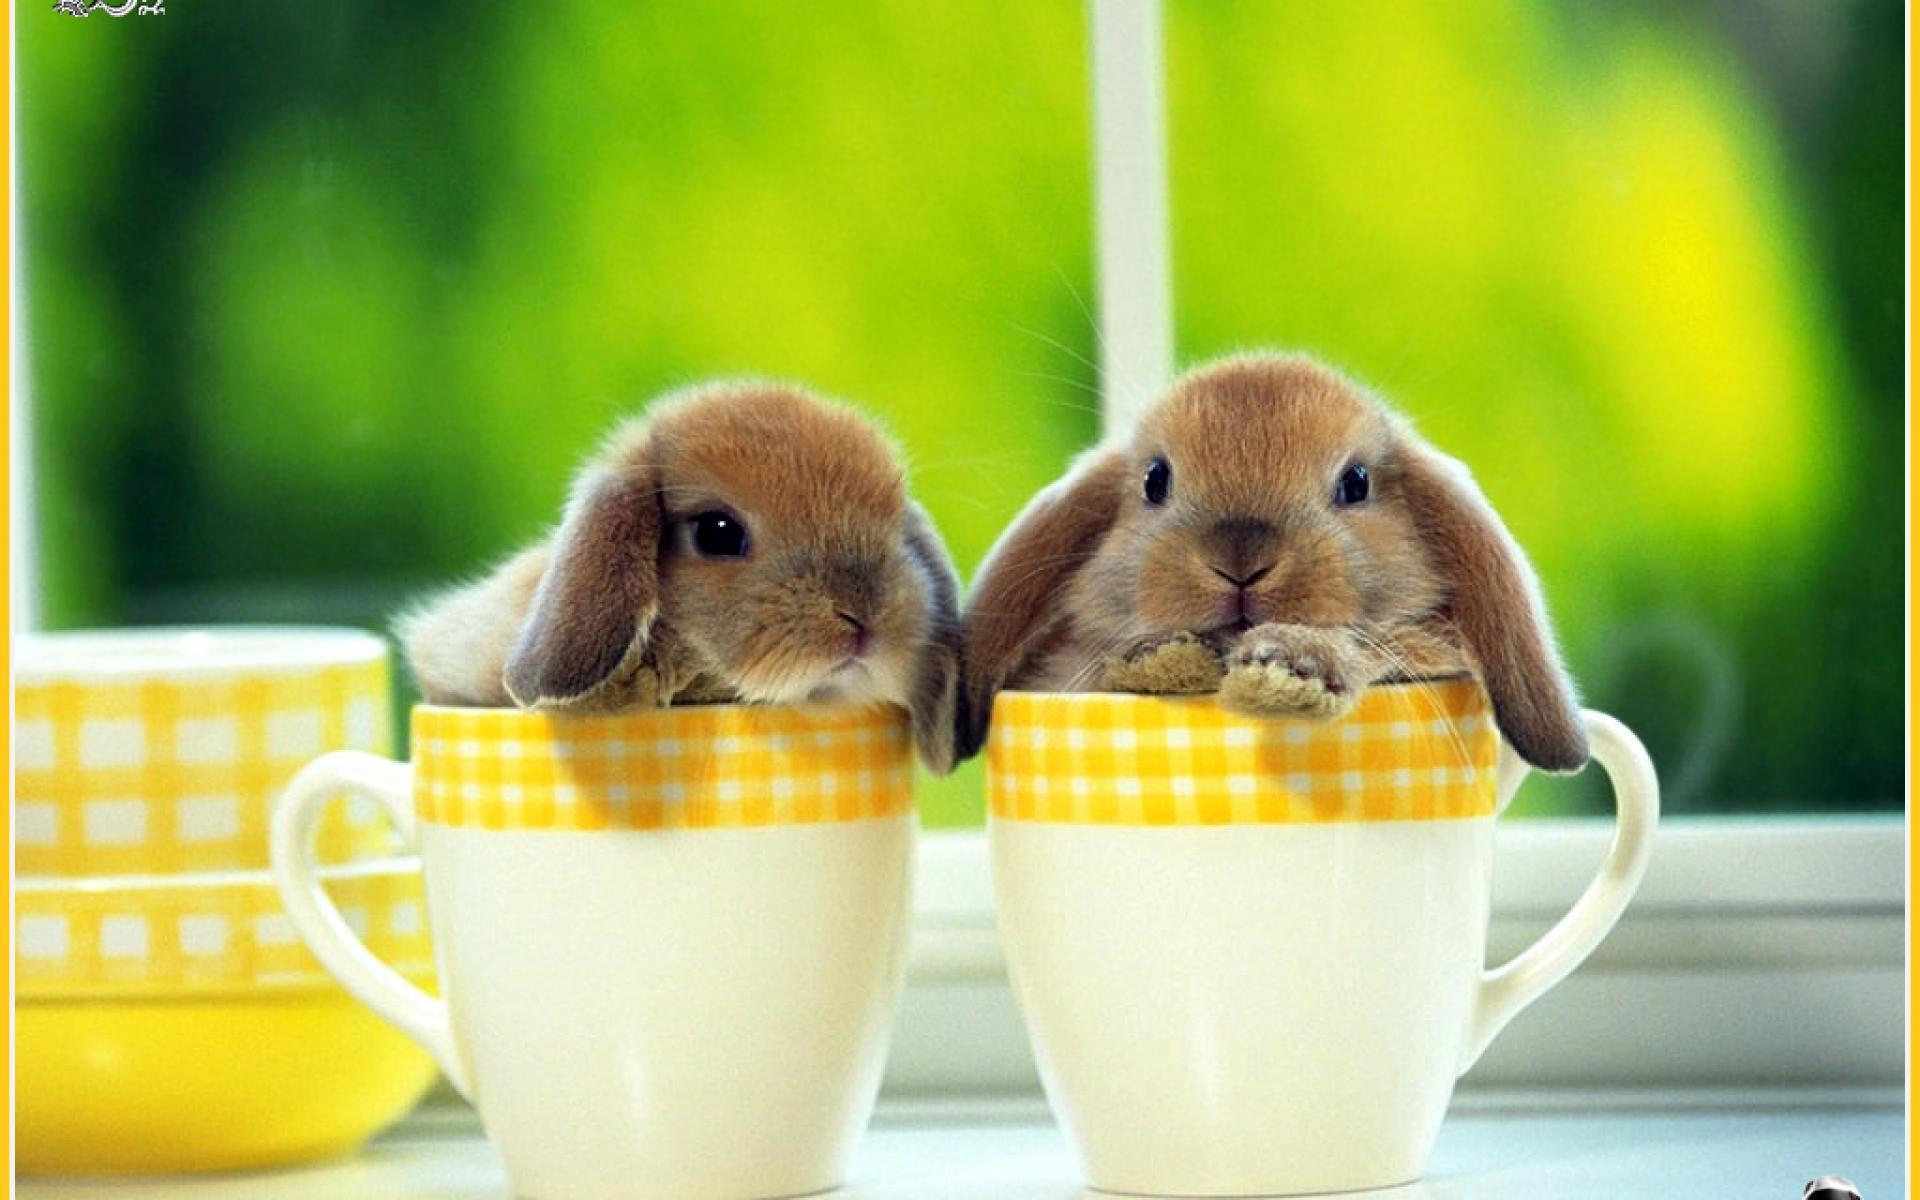 pics of rabbits